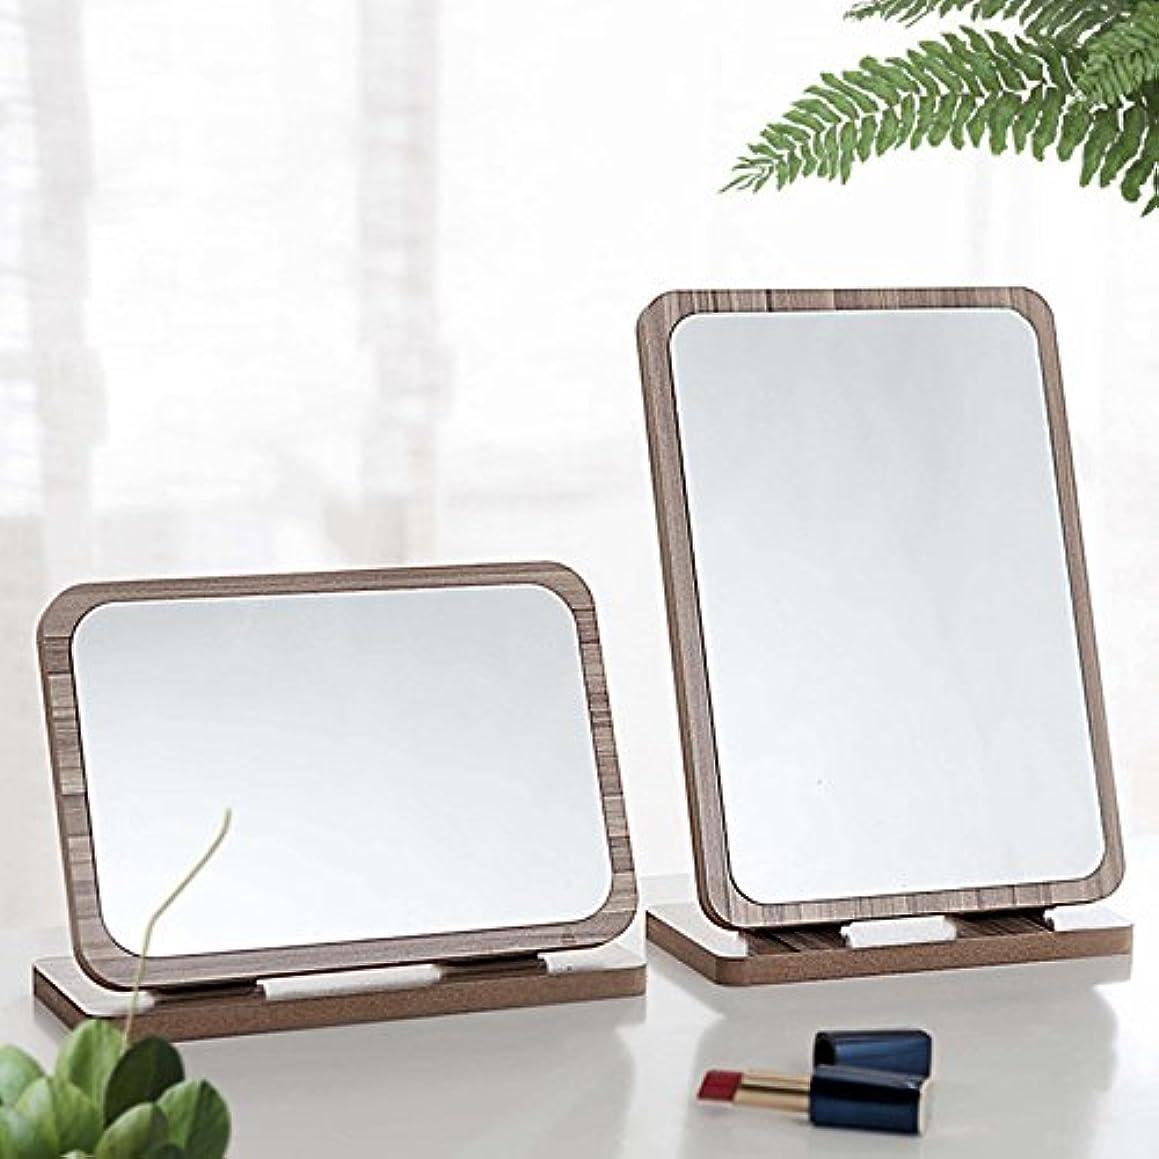 教師の日手がかりアラスカYZUEYT デスクトップ木製の化粧鏡3倍拡大180度回転ポータブルバニティバスルームメイクツール YZUEYT (Color : NO. 10#)